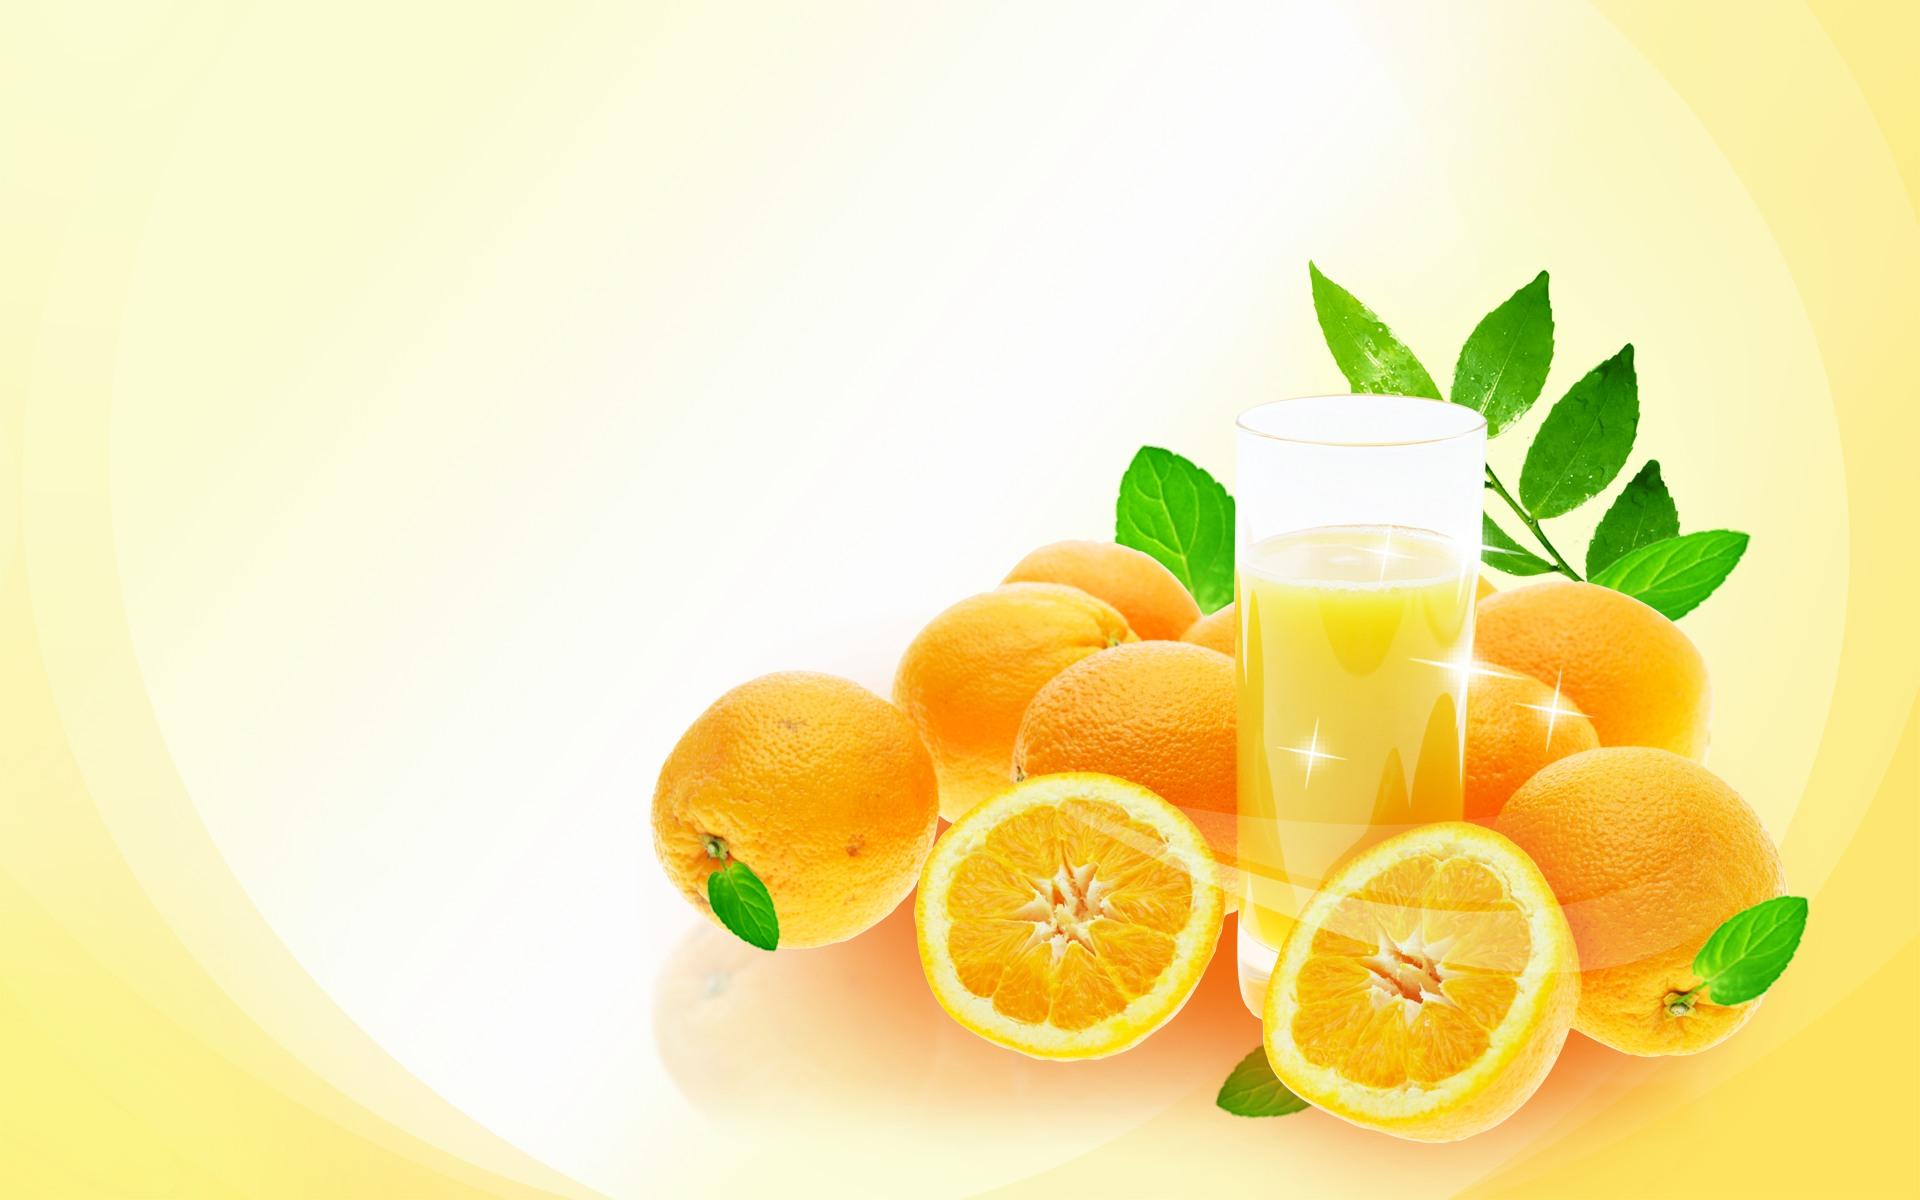 апельсиновый сок, фото, апельсины, orange